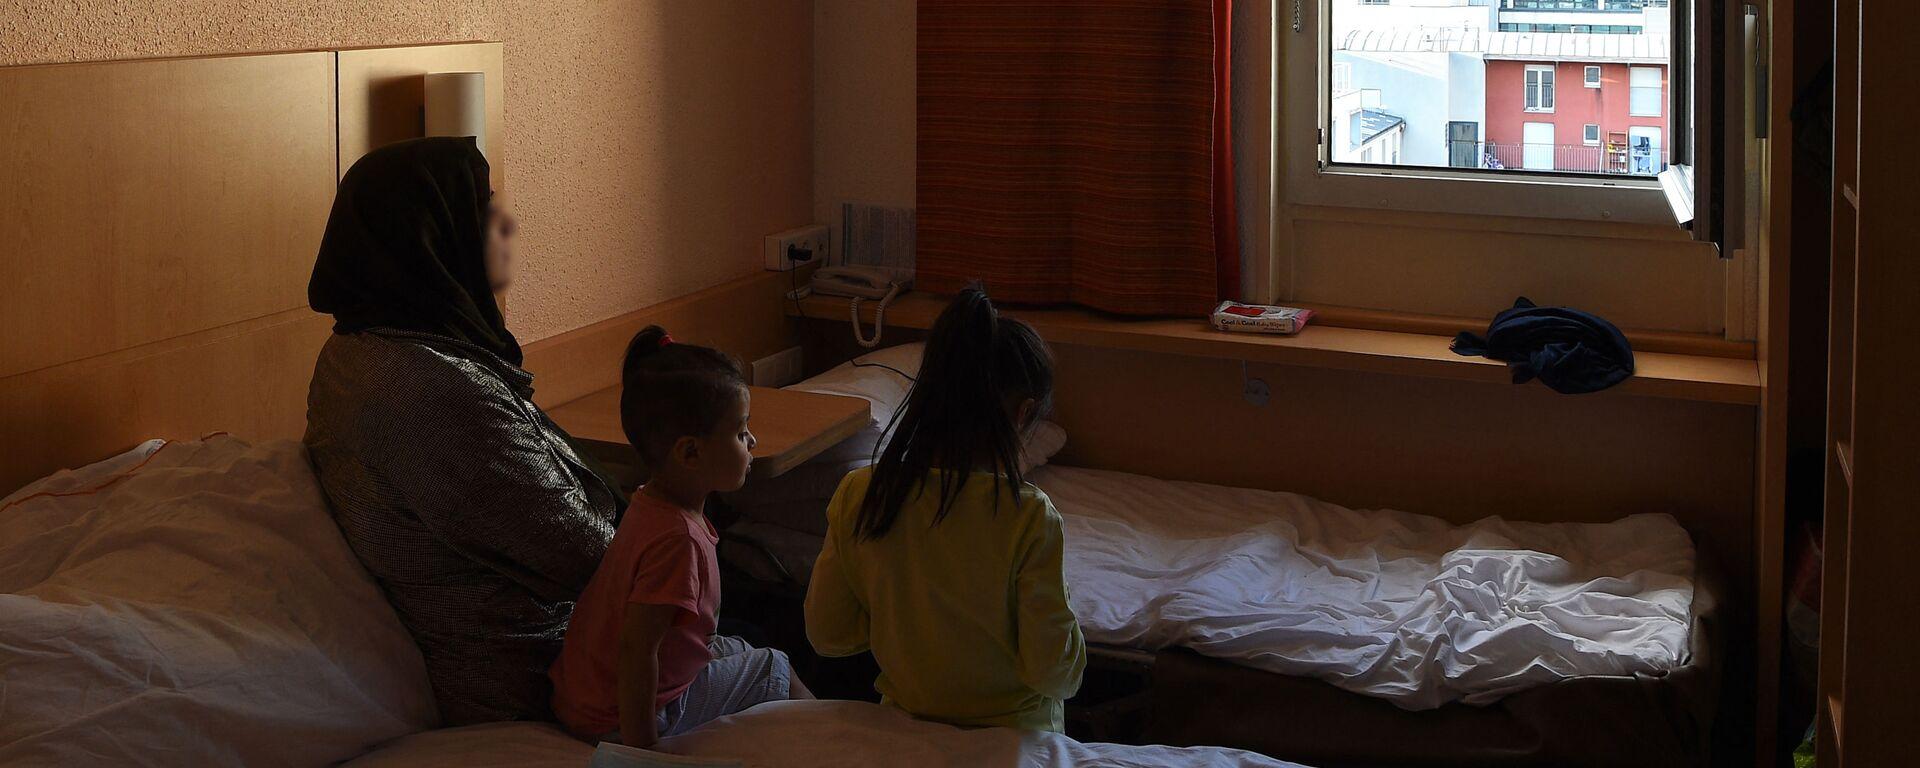 Афганские беженцы в отеле в Париже  - Sputnik Таджикистан, 1920, 15.09.2021